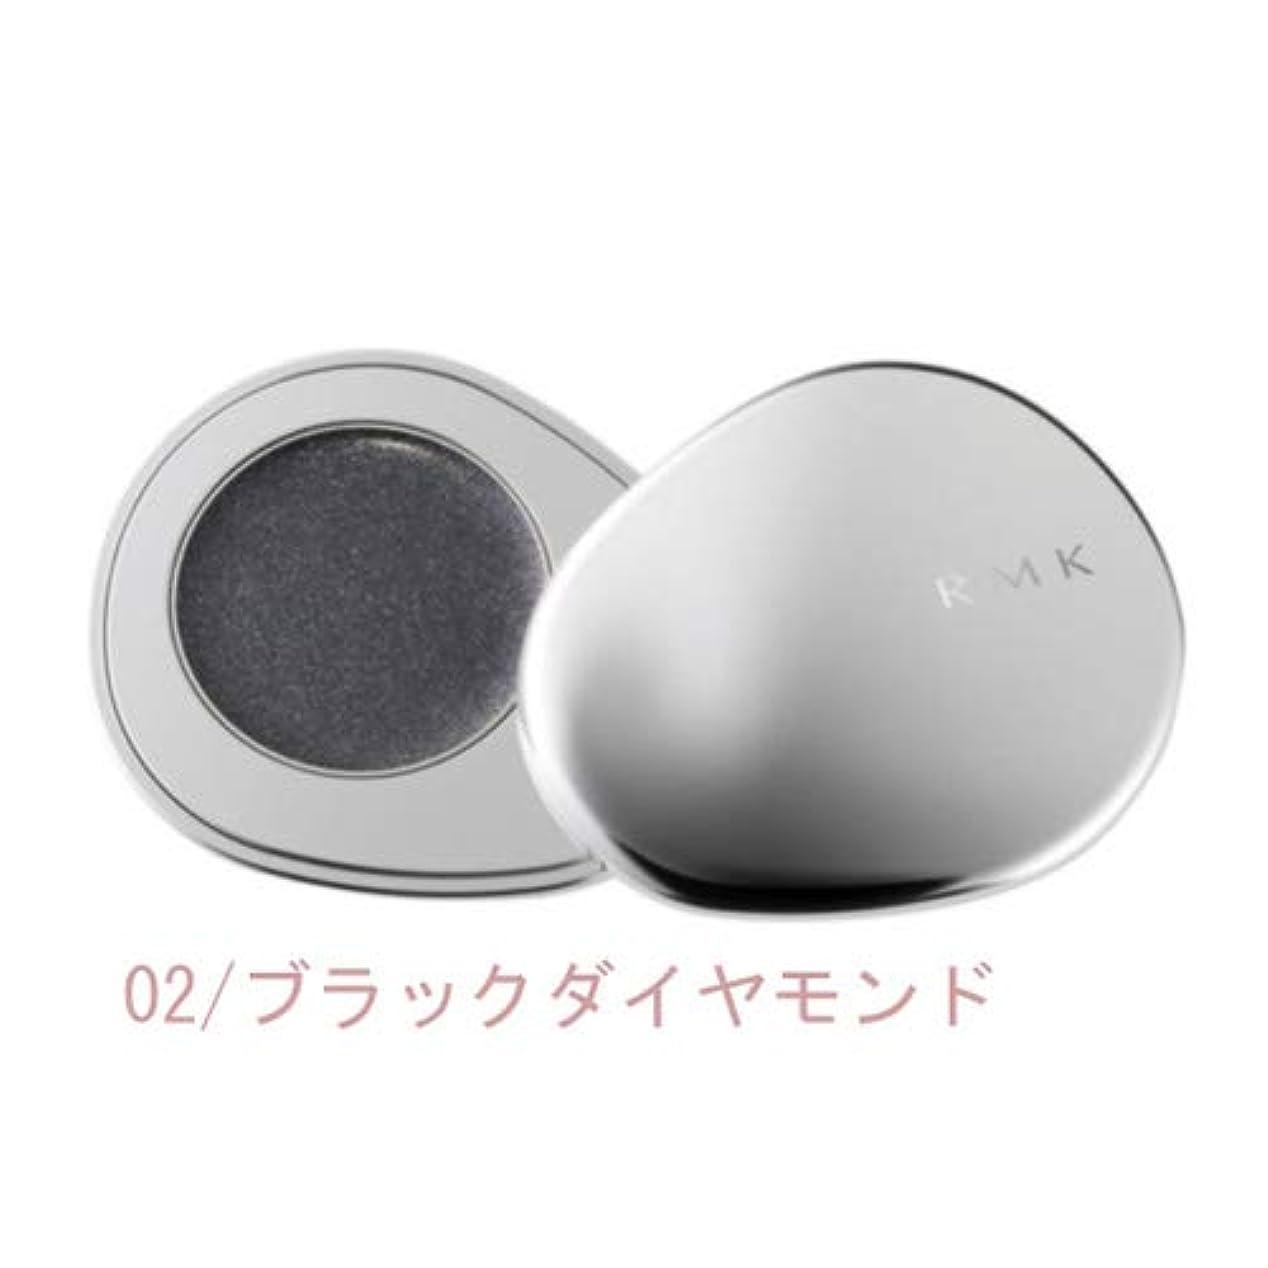 正規化ナインへスケッチRMK(アールエムケー) ストーンブロッサム グロージェル(限定品)_1.4g/アイシャドウ (ブラックダイヤモンド)